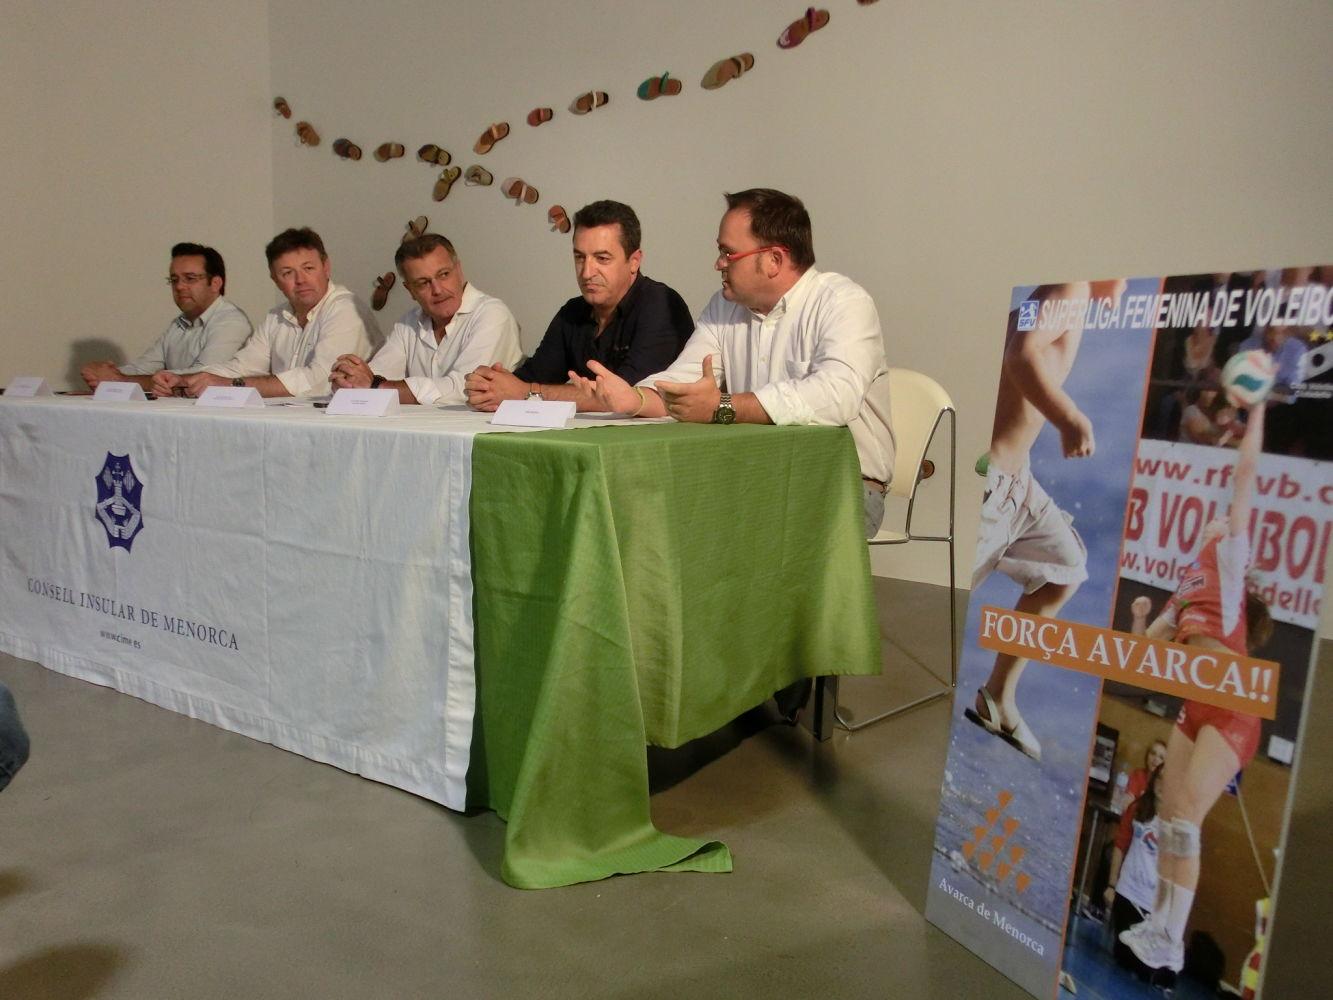 Foto nou patrocinador Club Voleibol Ciutadella 5 9 2014